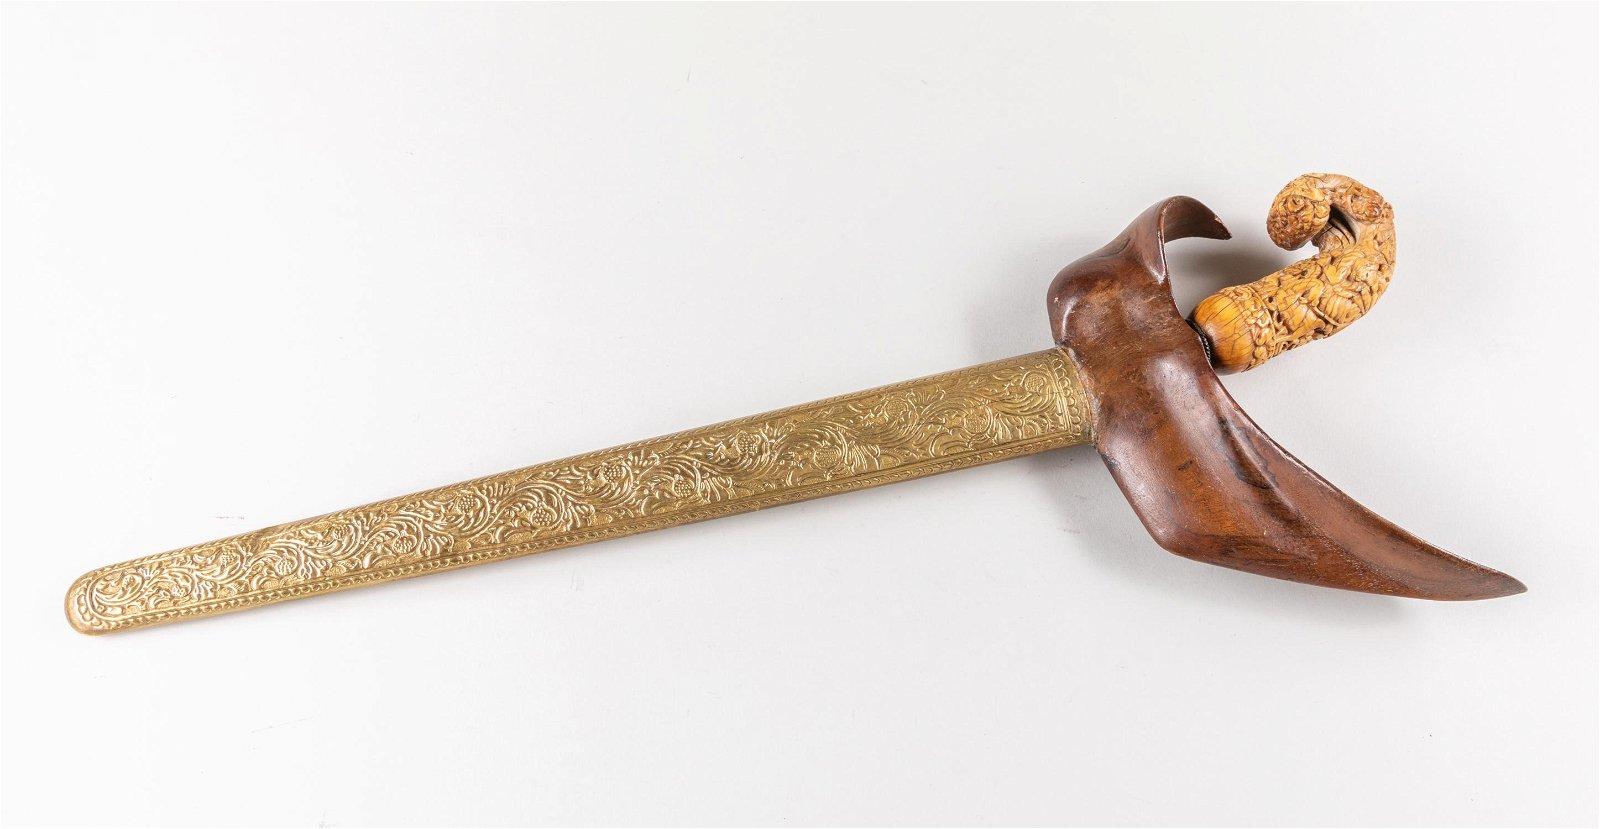 Indonesian Antique Kris/Keris Java Dagger